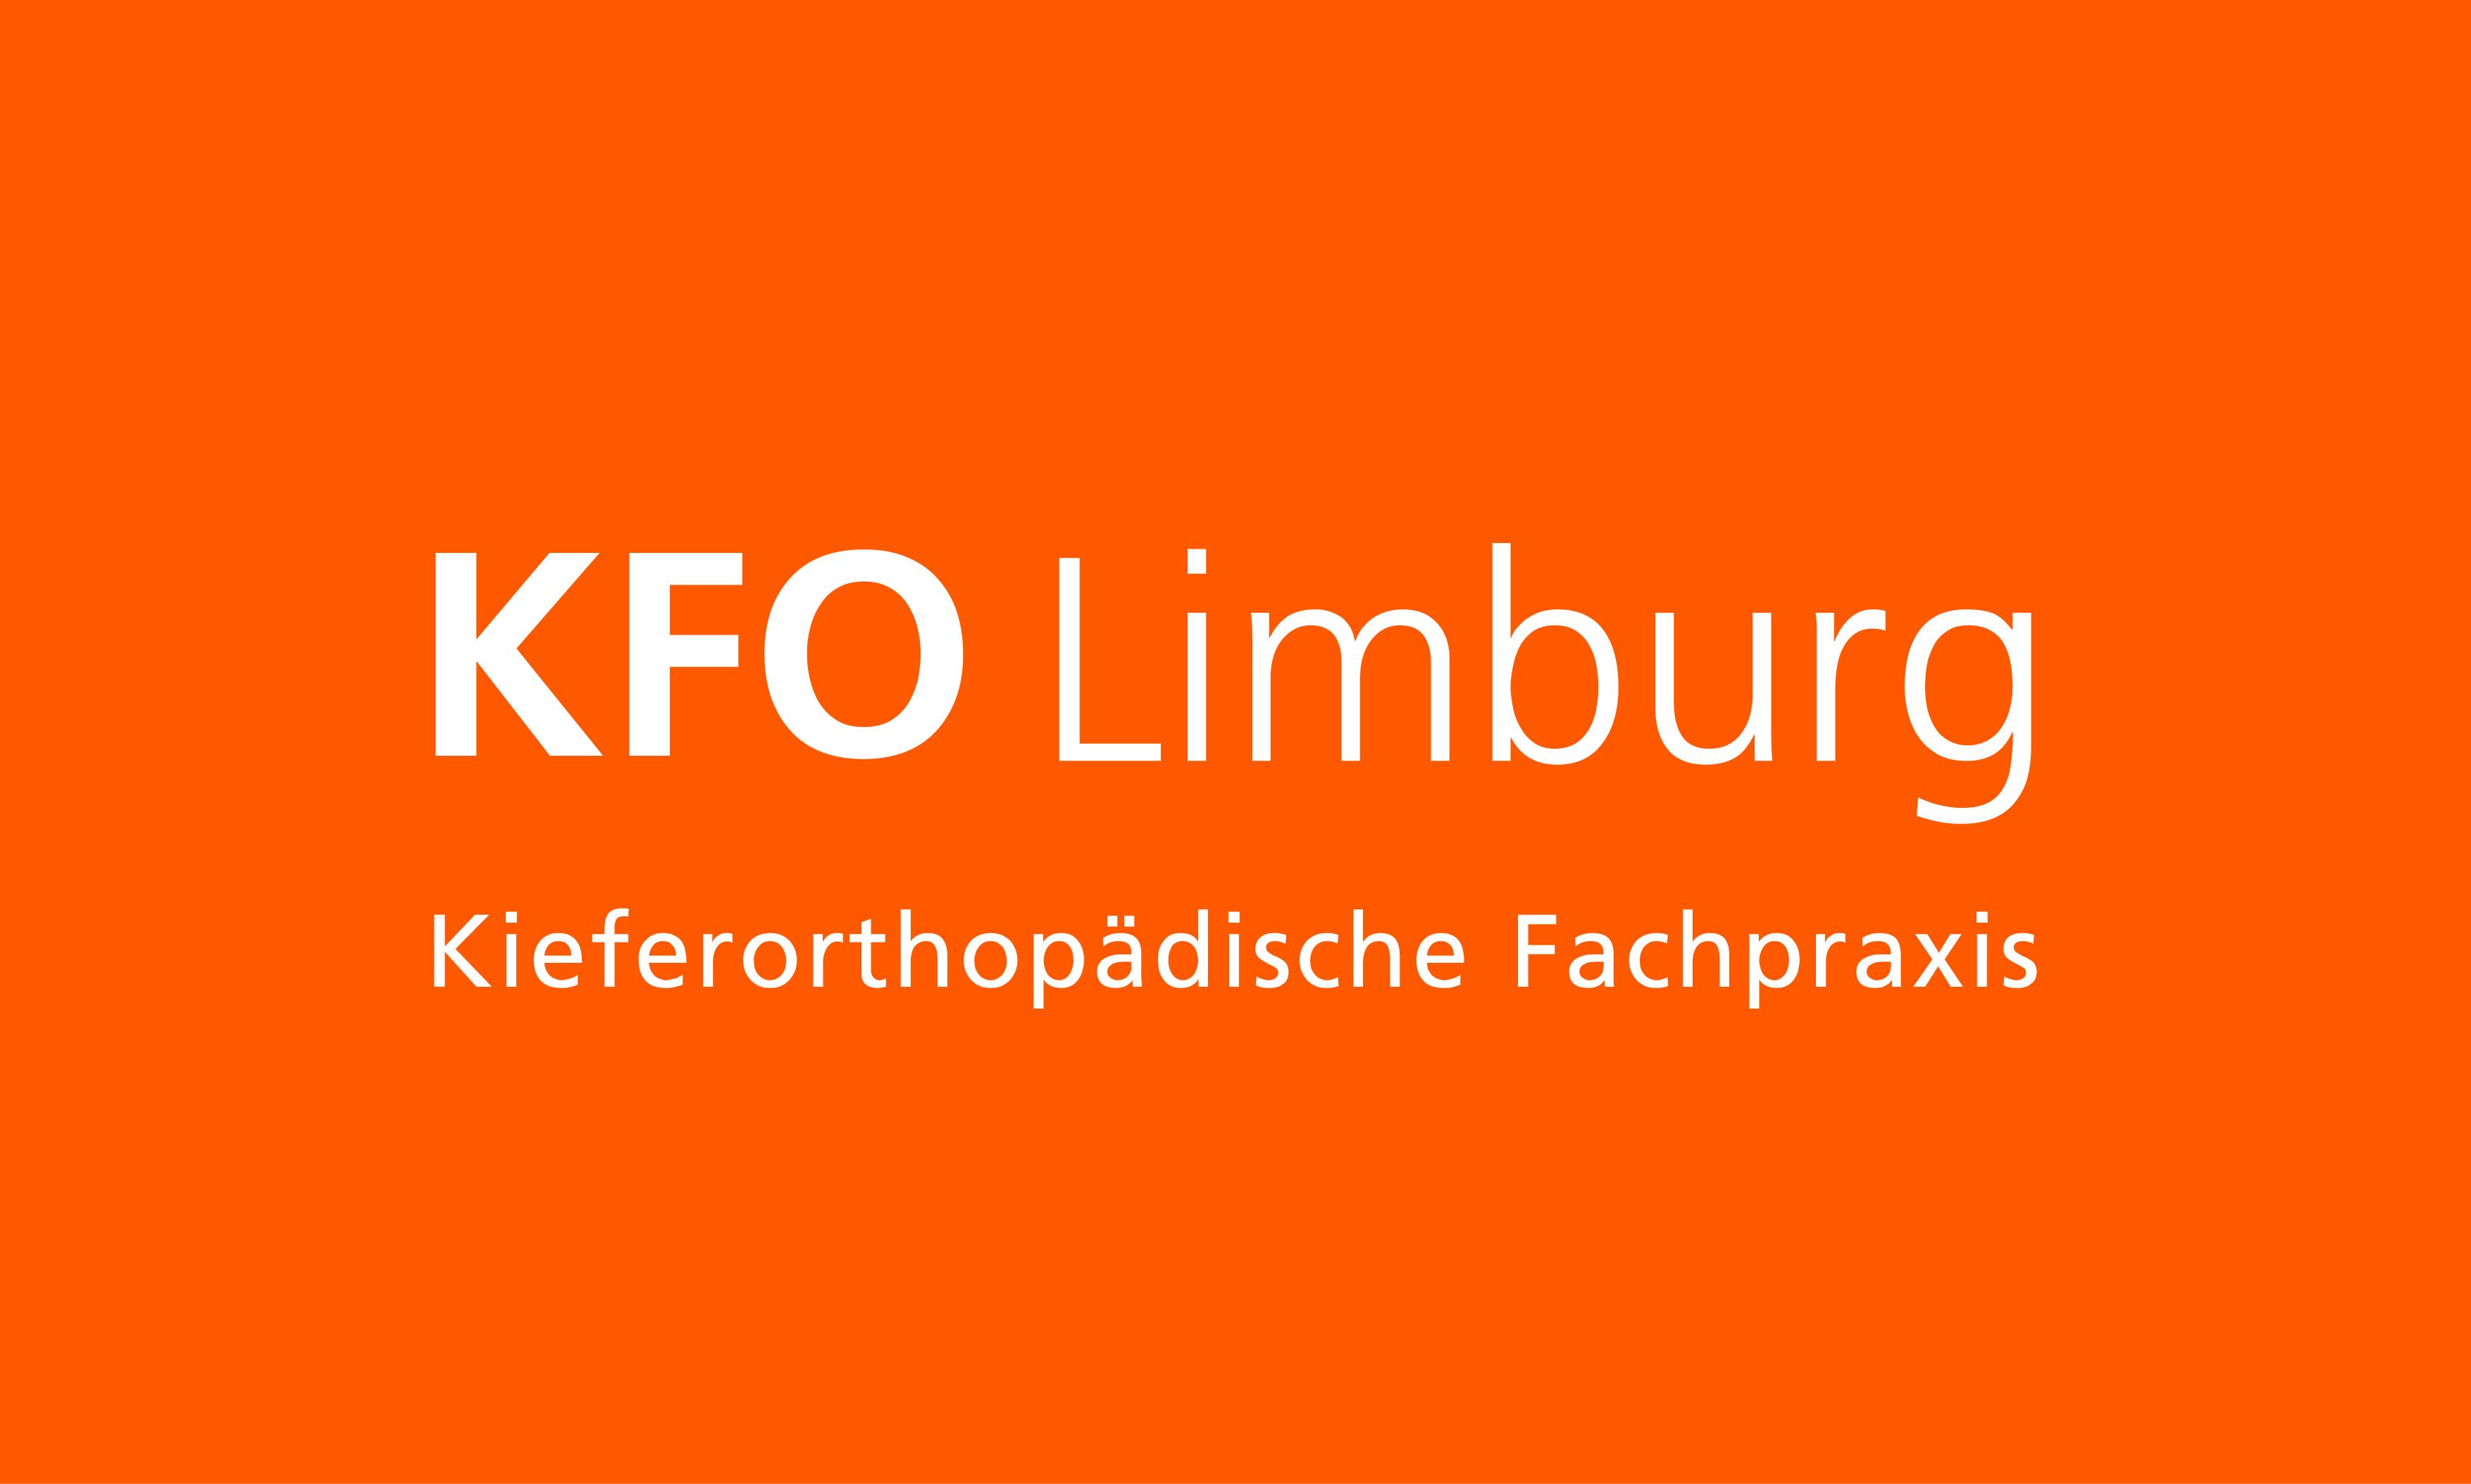 KFO-Limburg